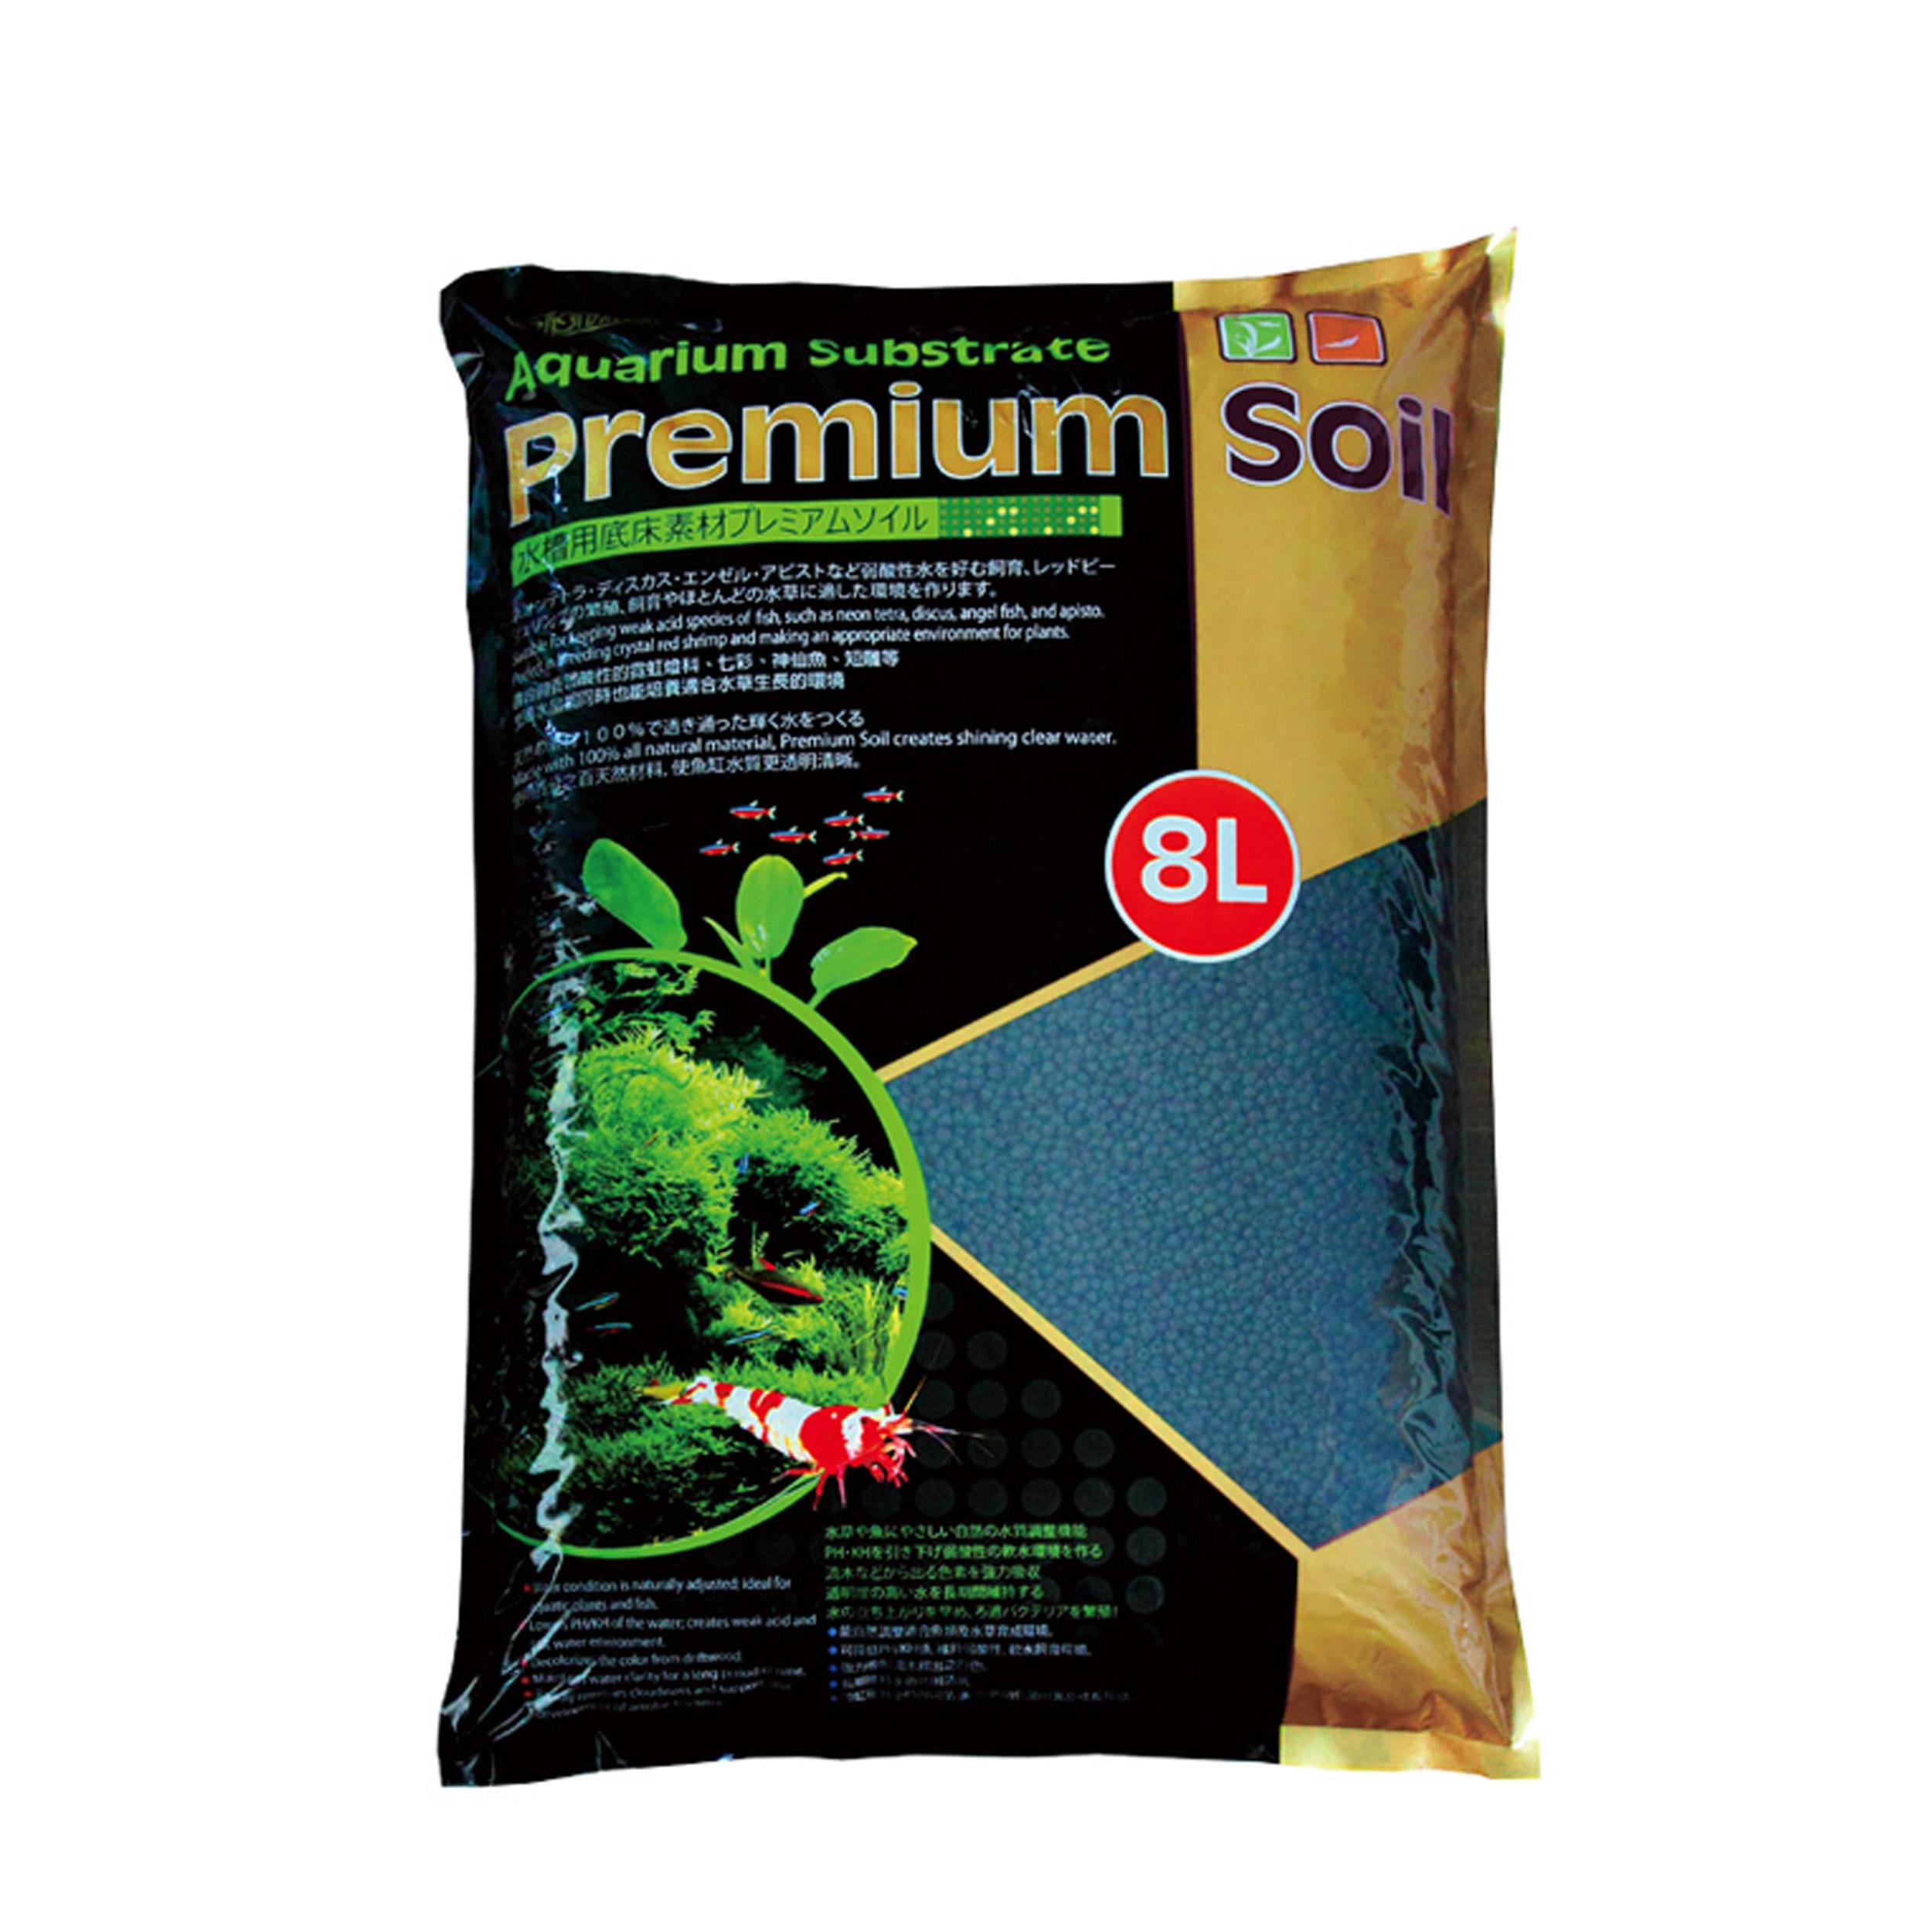 خاک آکواریوم مدل پریمیوم  کد 12 حجم 8 لیتر